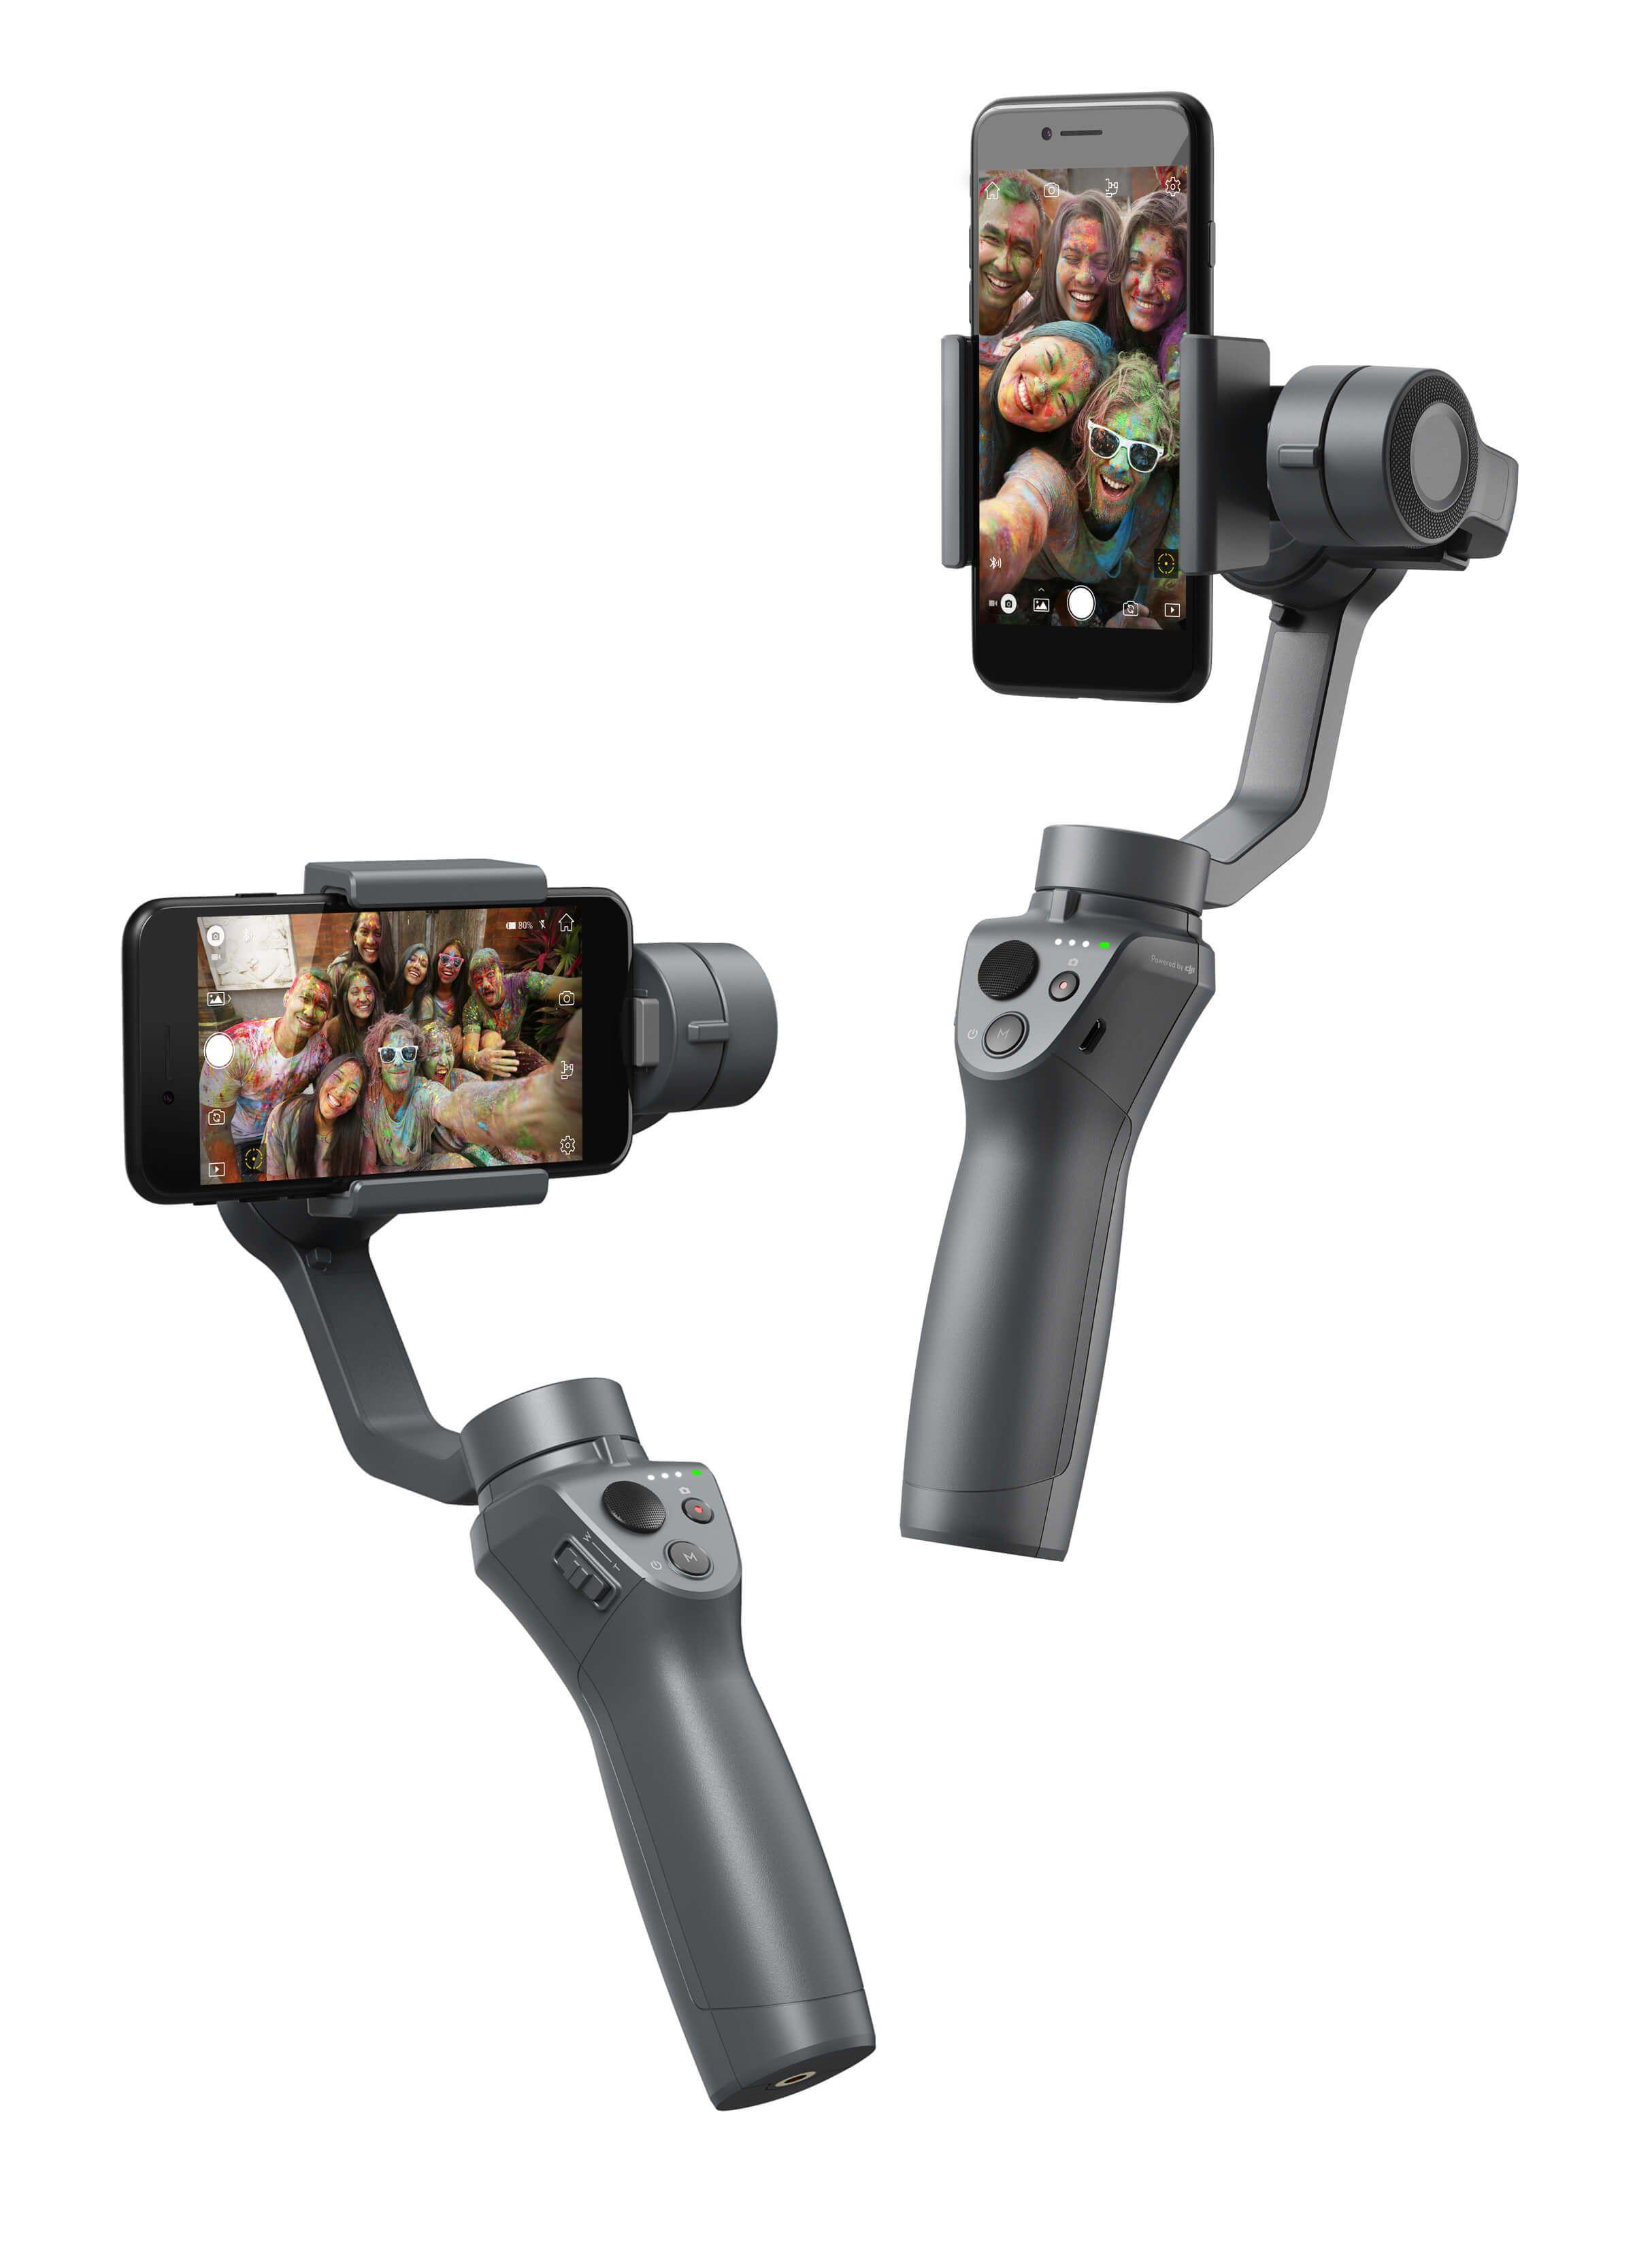 DJI Osmo Mobile 2 - Design